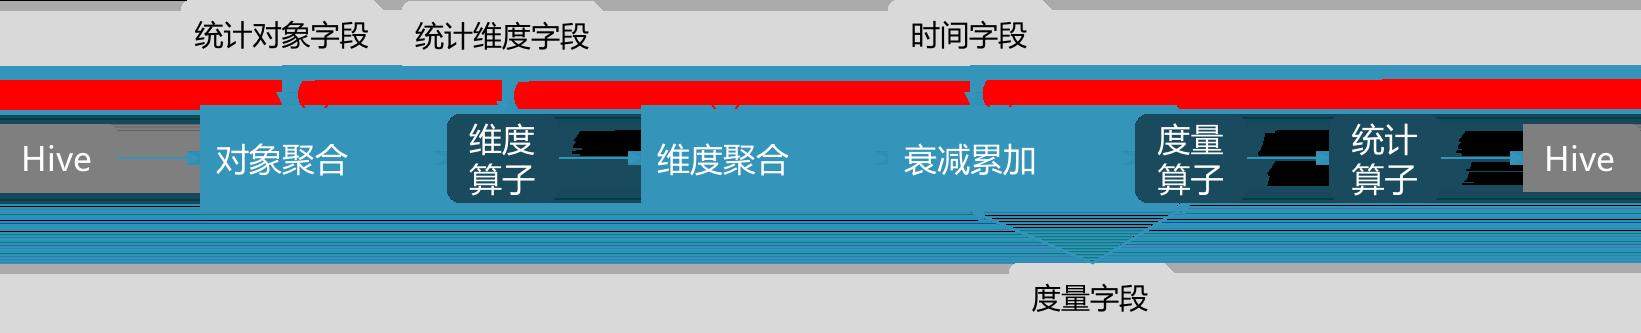 图5 特征统计流程